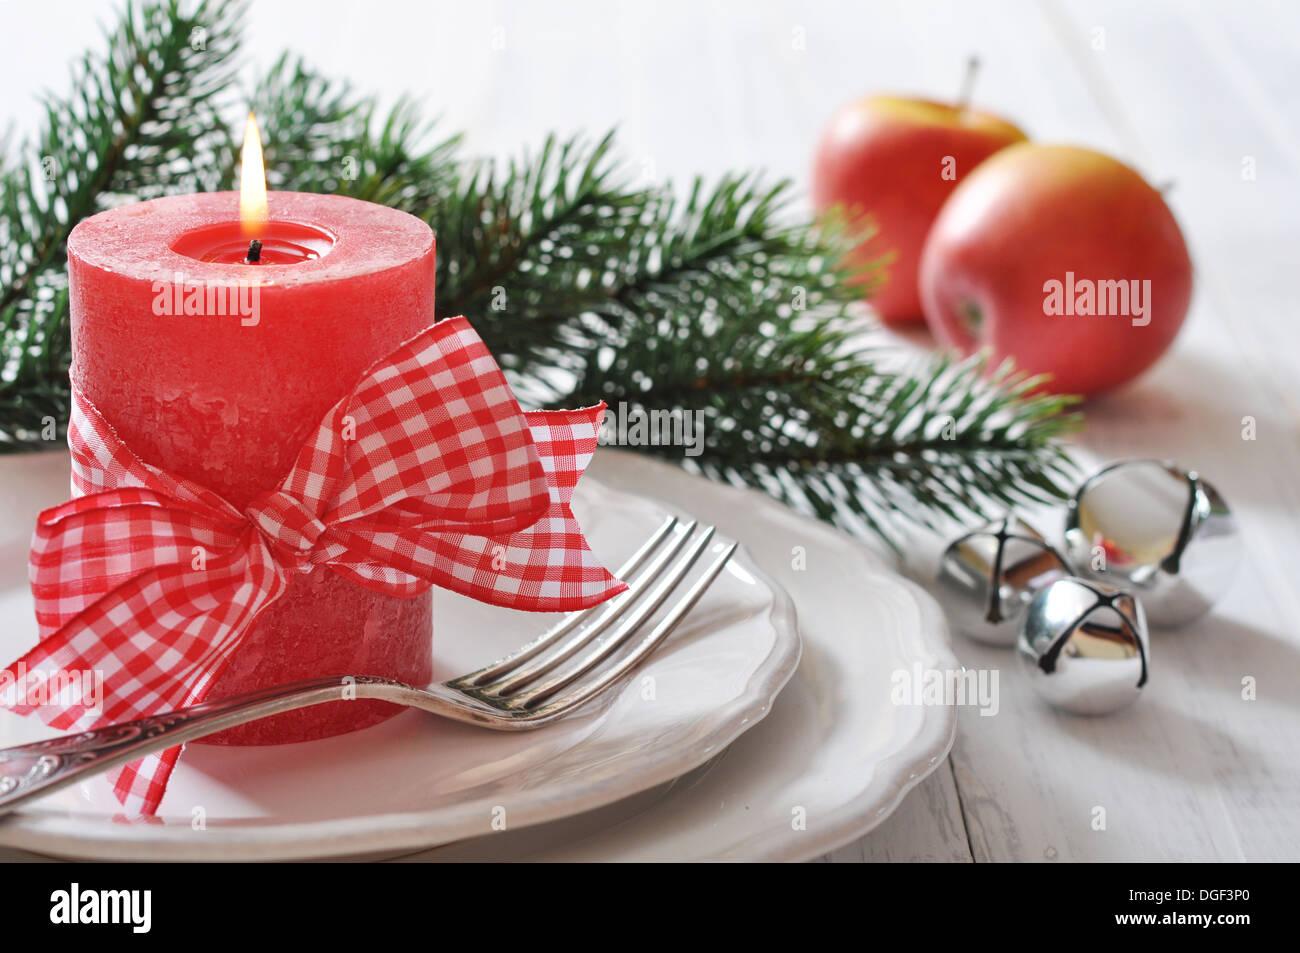 Weihnachten Tischdekoration mit roten Kerze und Tannen Ast Stockfoto ...